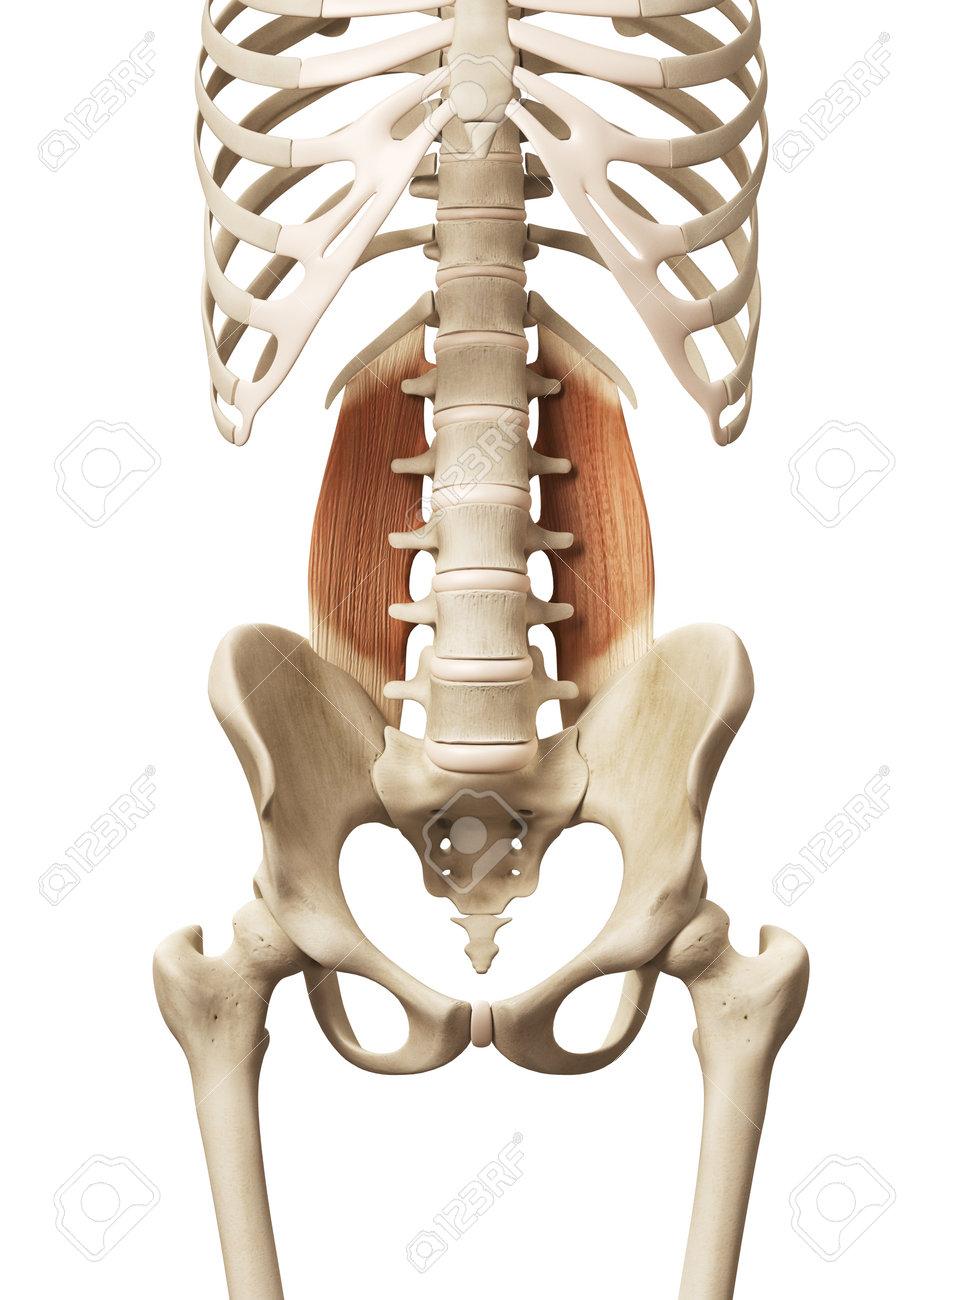 Muscle Anatomy - The Quadratus Lumborum Stock Photo, Picture And ...